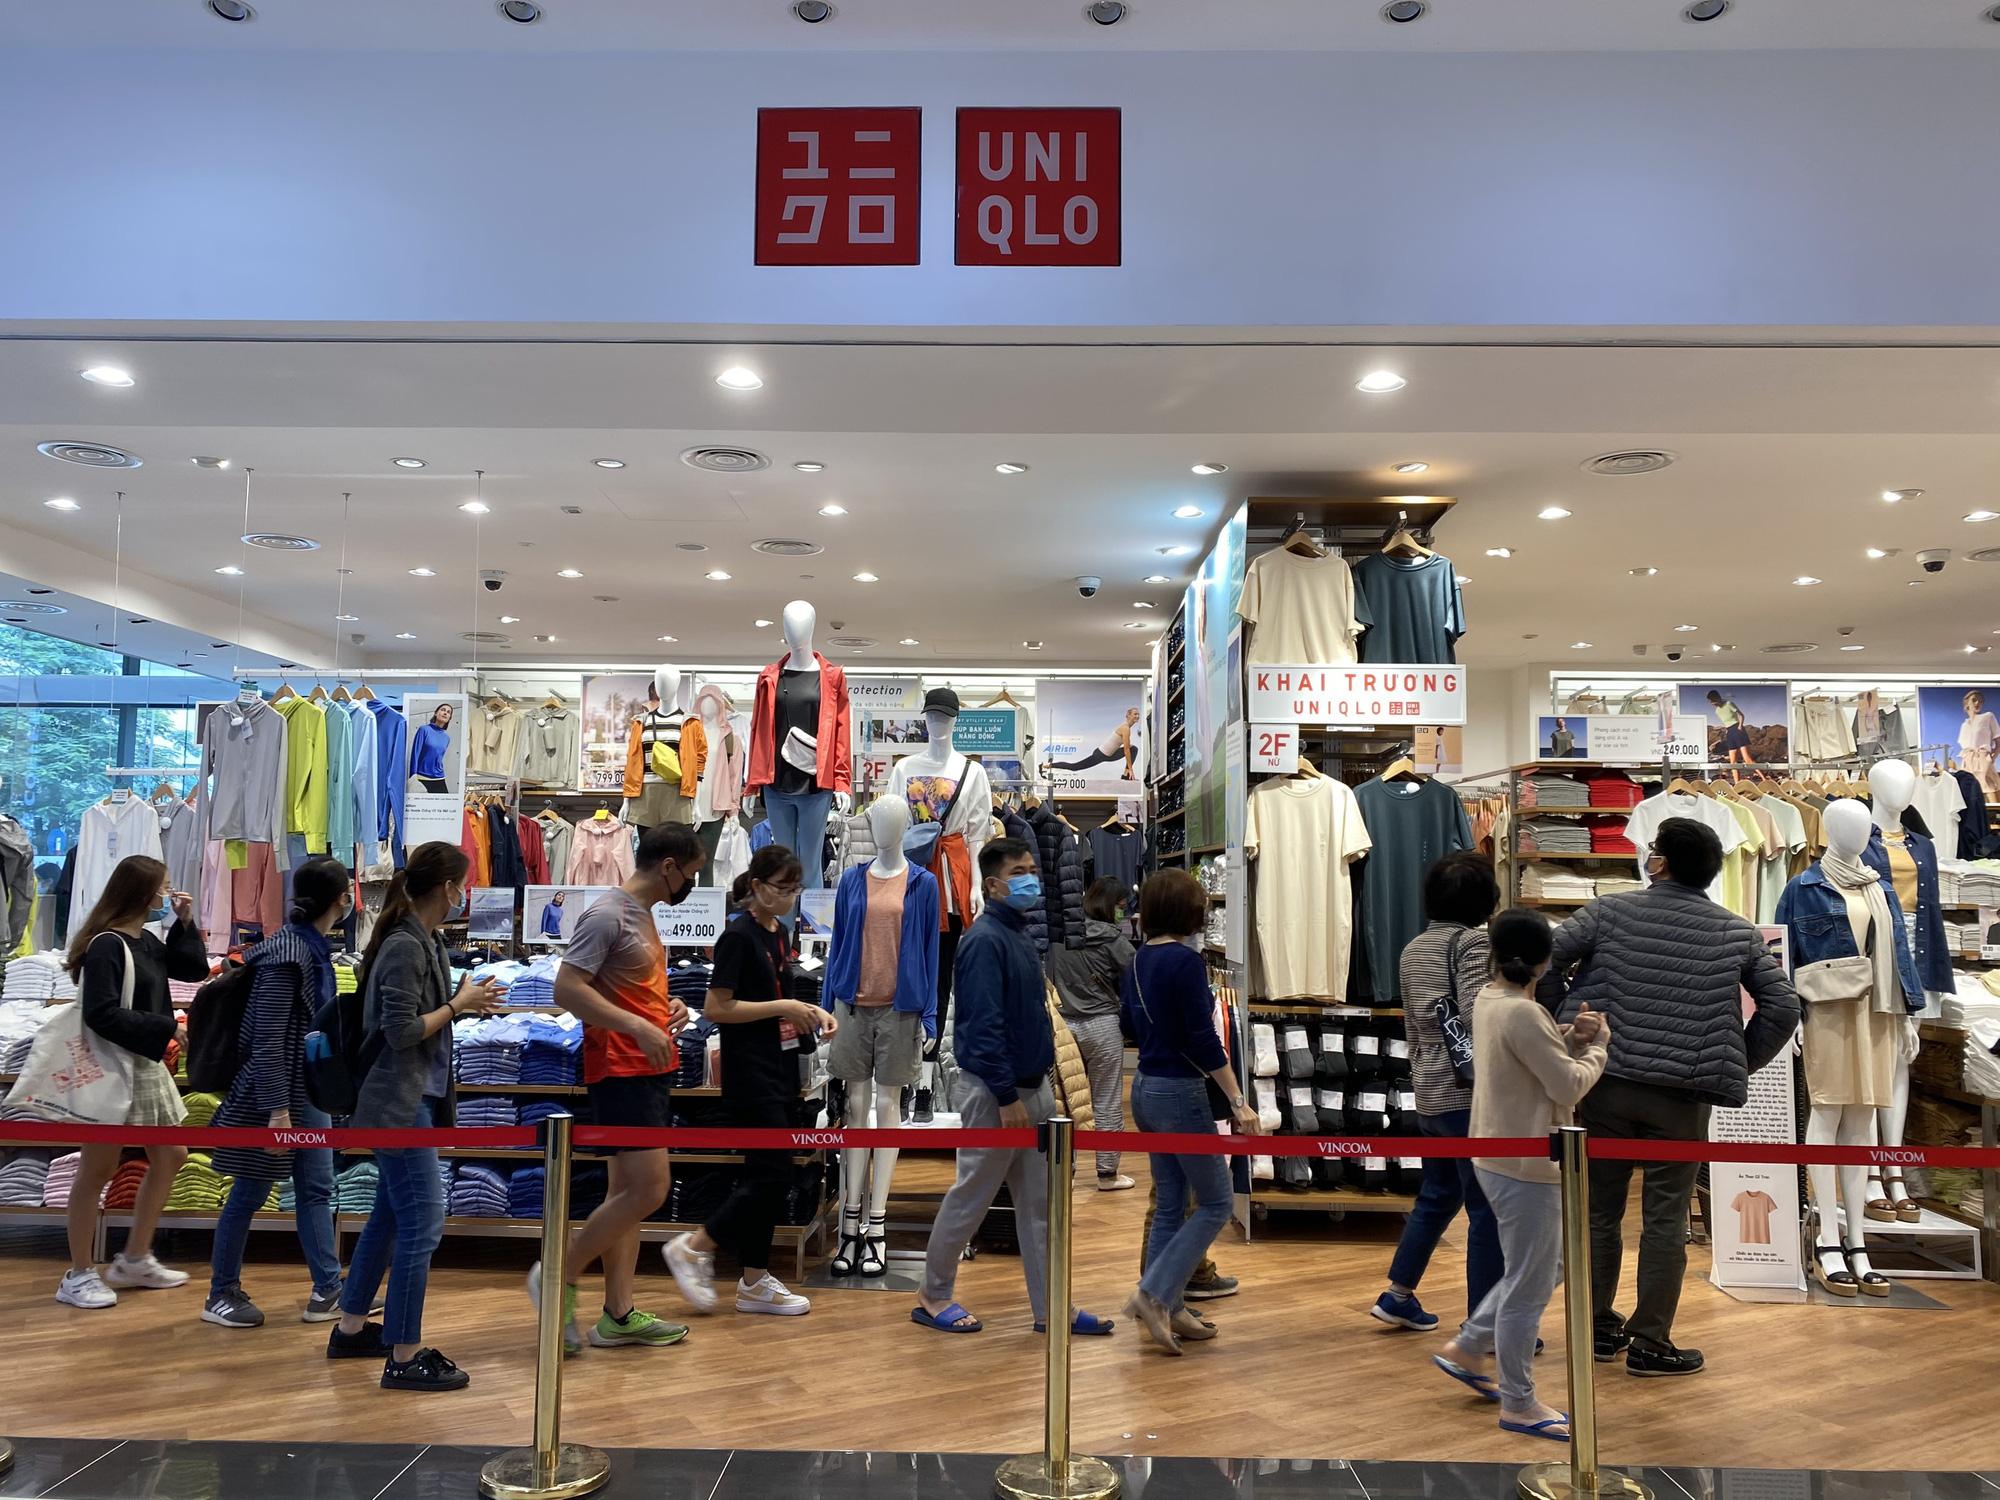 Uniqlo Hà Nội sau 1 tuần khai trương, khách hàng vẫn tới trải nghiệm mua sắm dù đang có dịch bệnh - Ảnh 1.